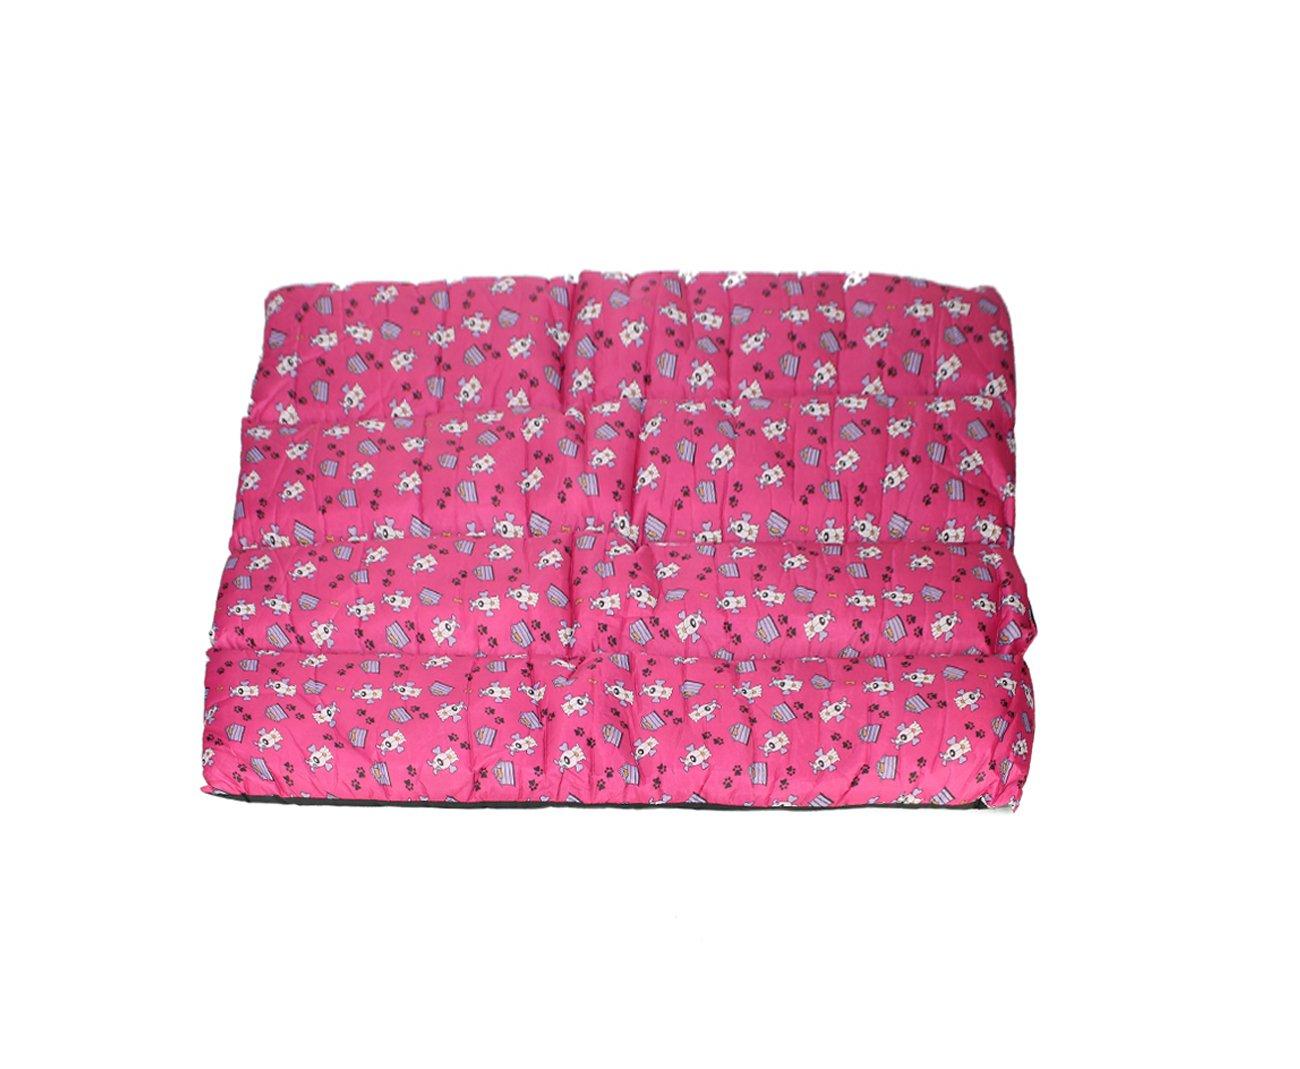 Almofada De Nylon N4 Gg 100x80cm Rosa - Furacãopet